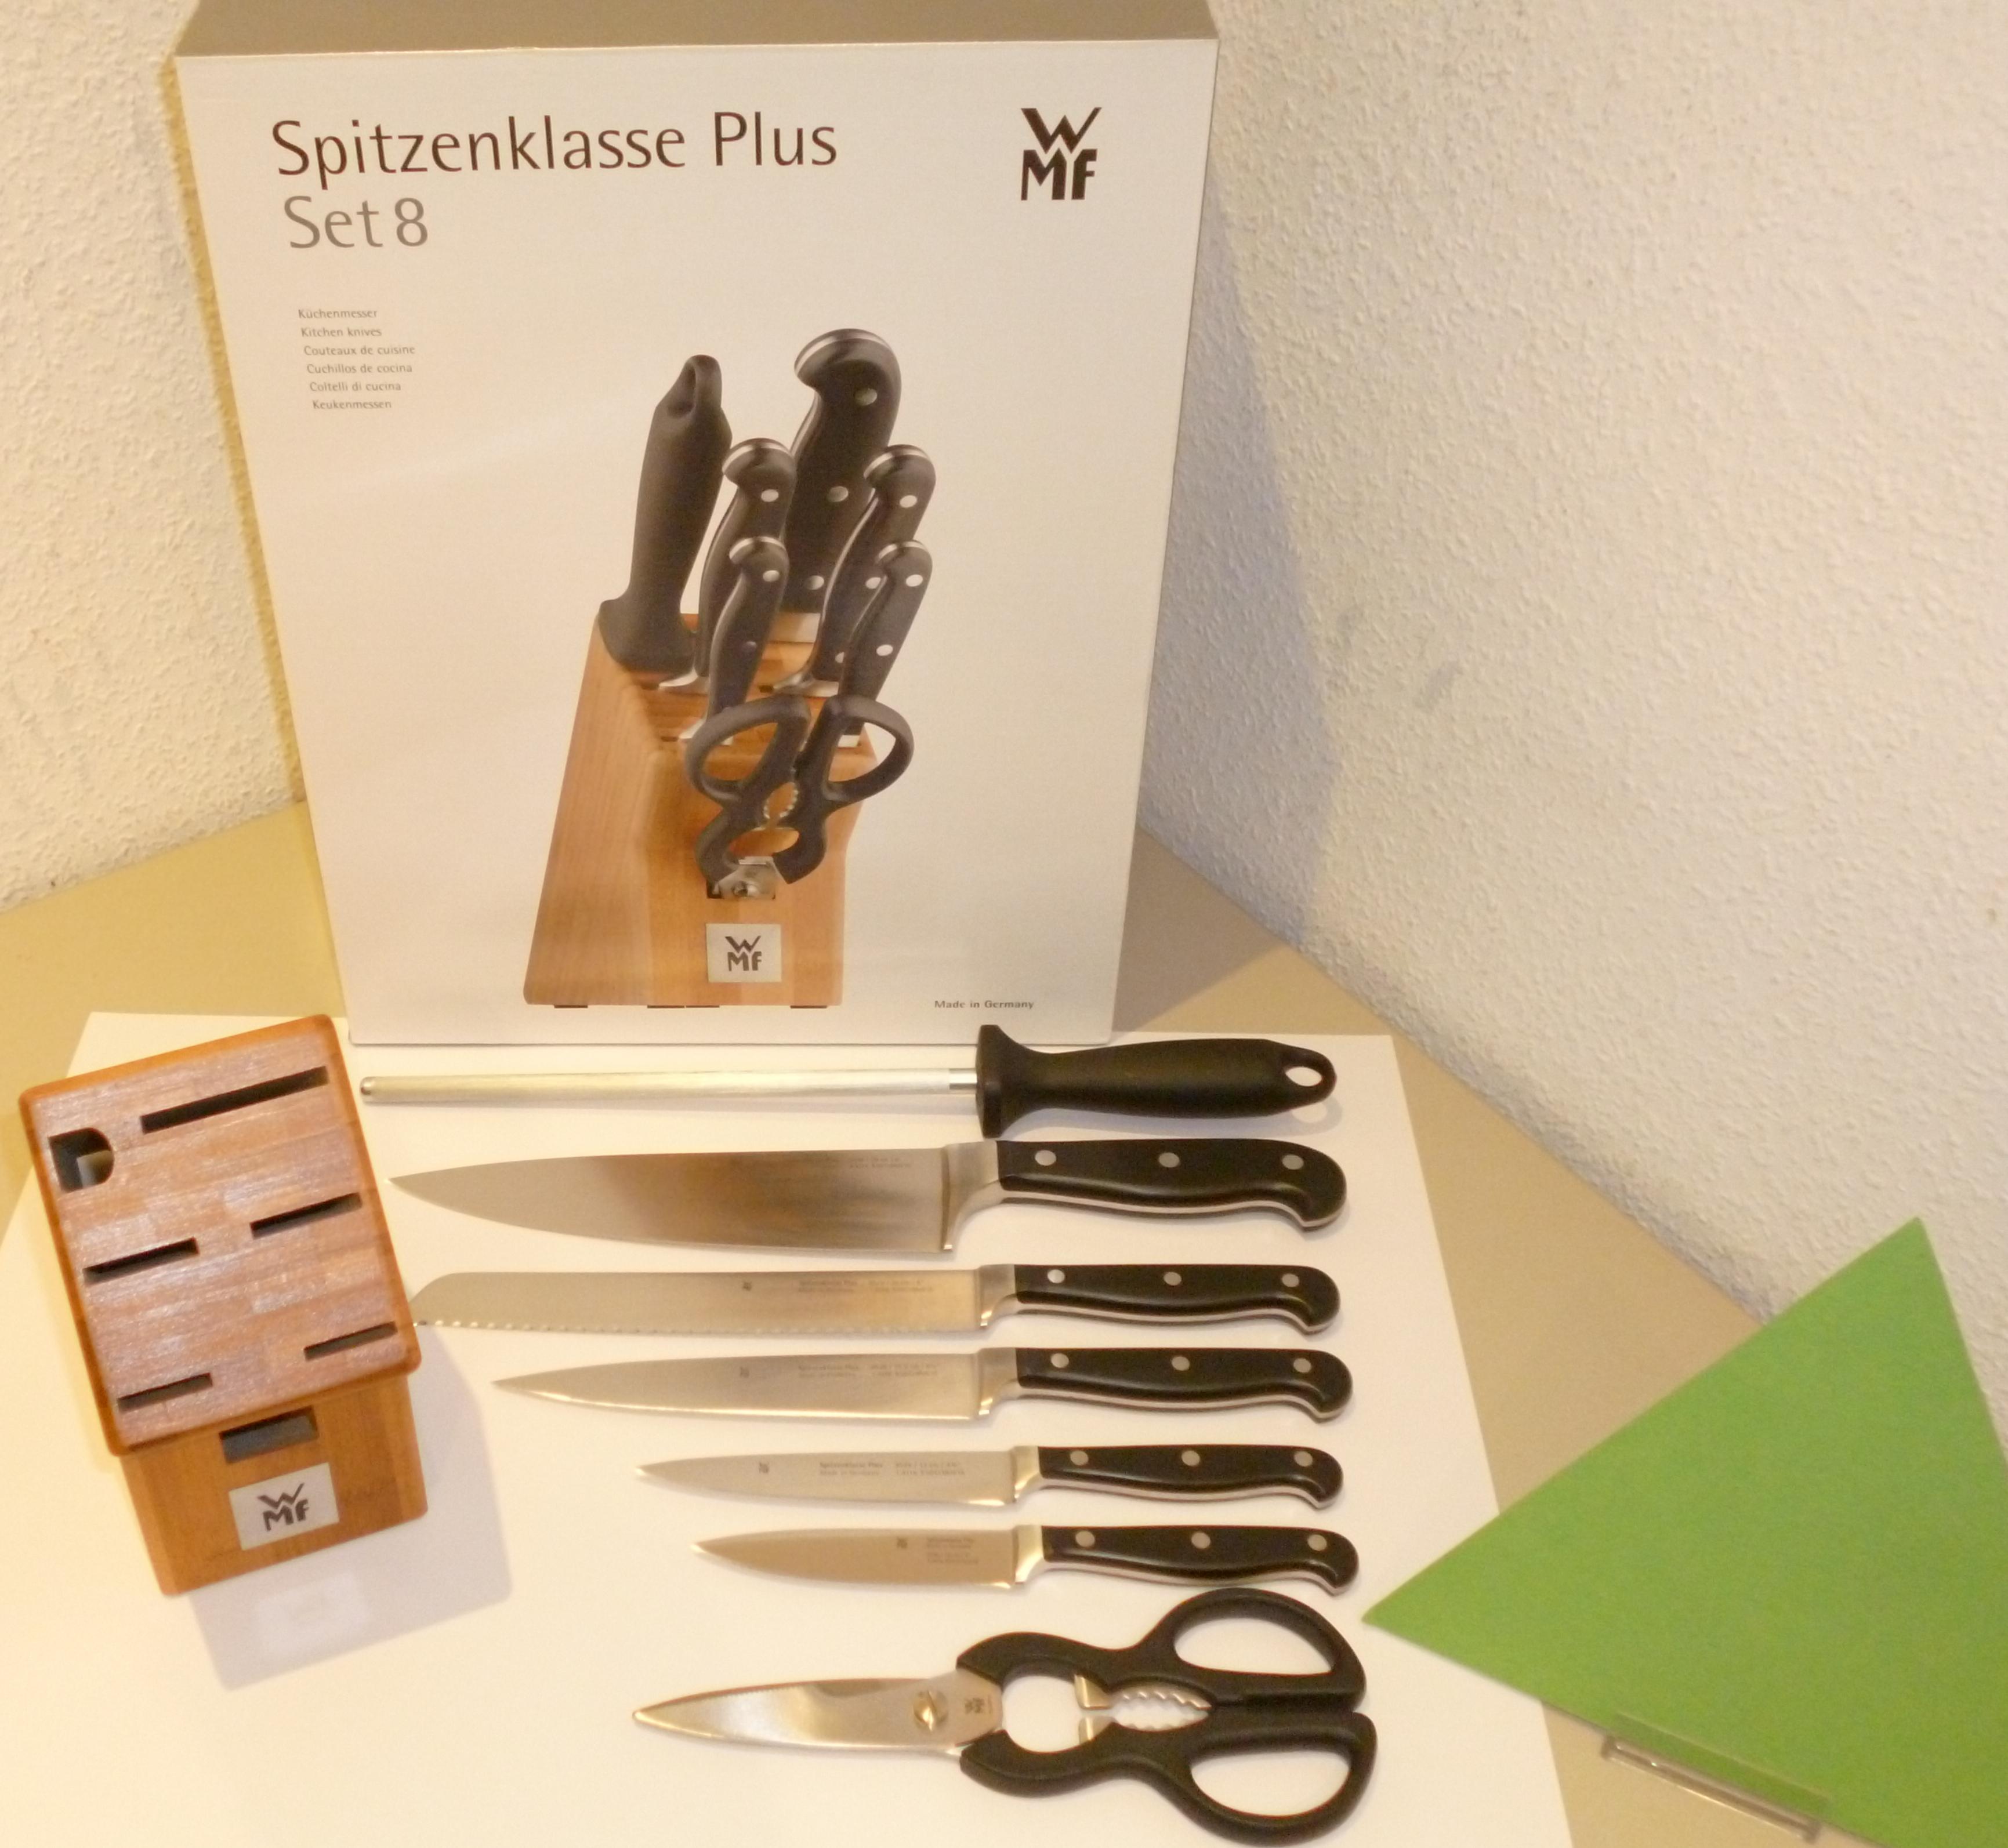 homann d lmen schenken kochen wohnen wmf messerblock spitzenklasse plus set 8 made in germany. Black Bedroom Furniture Sets. Home Design Ideas